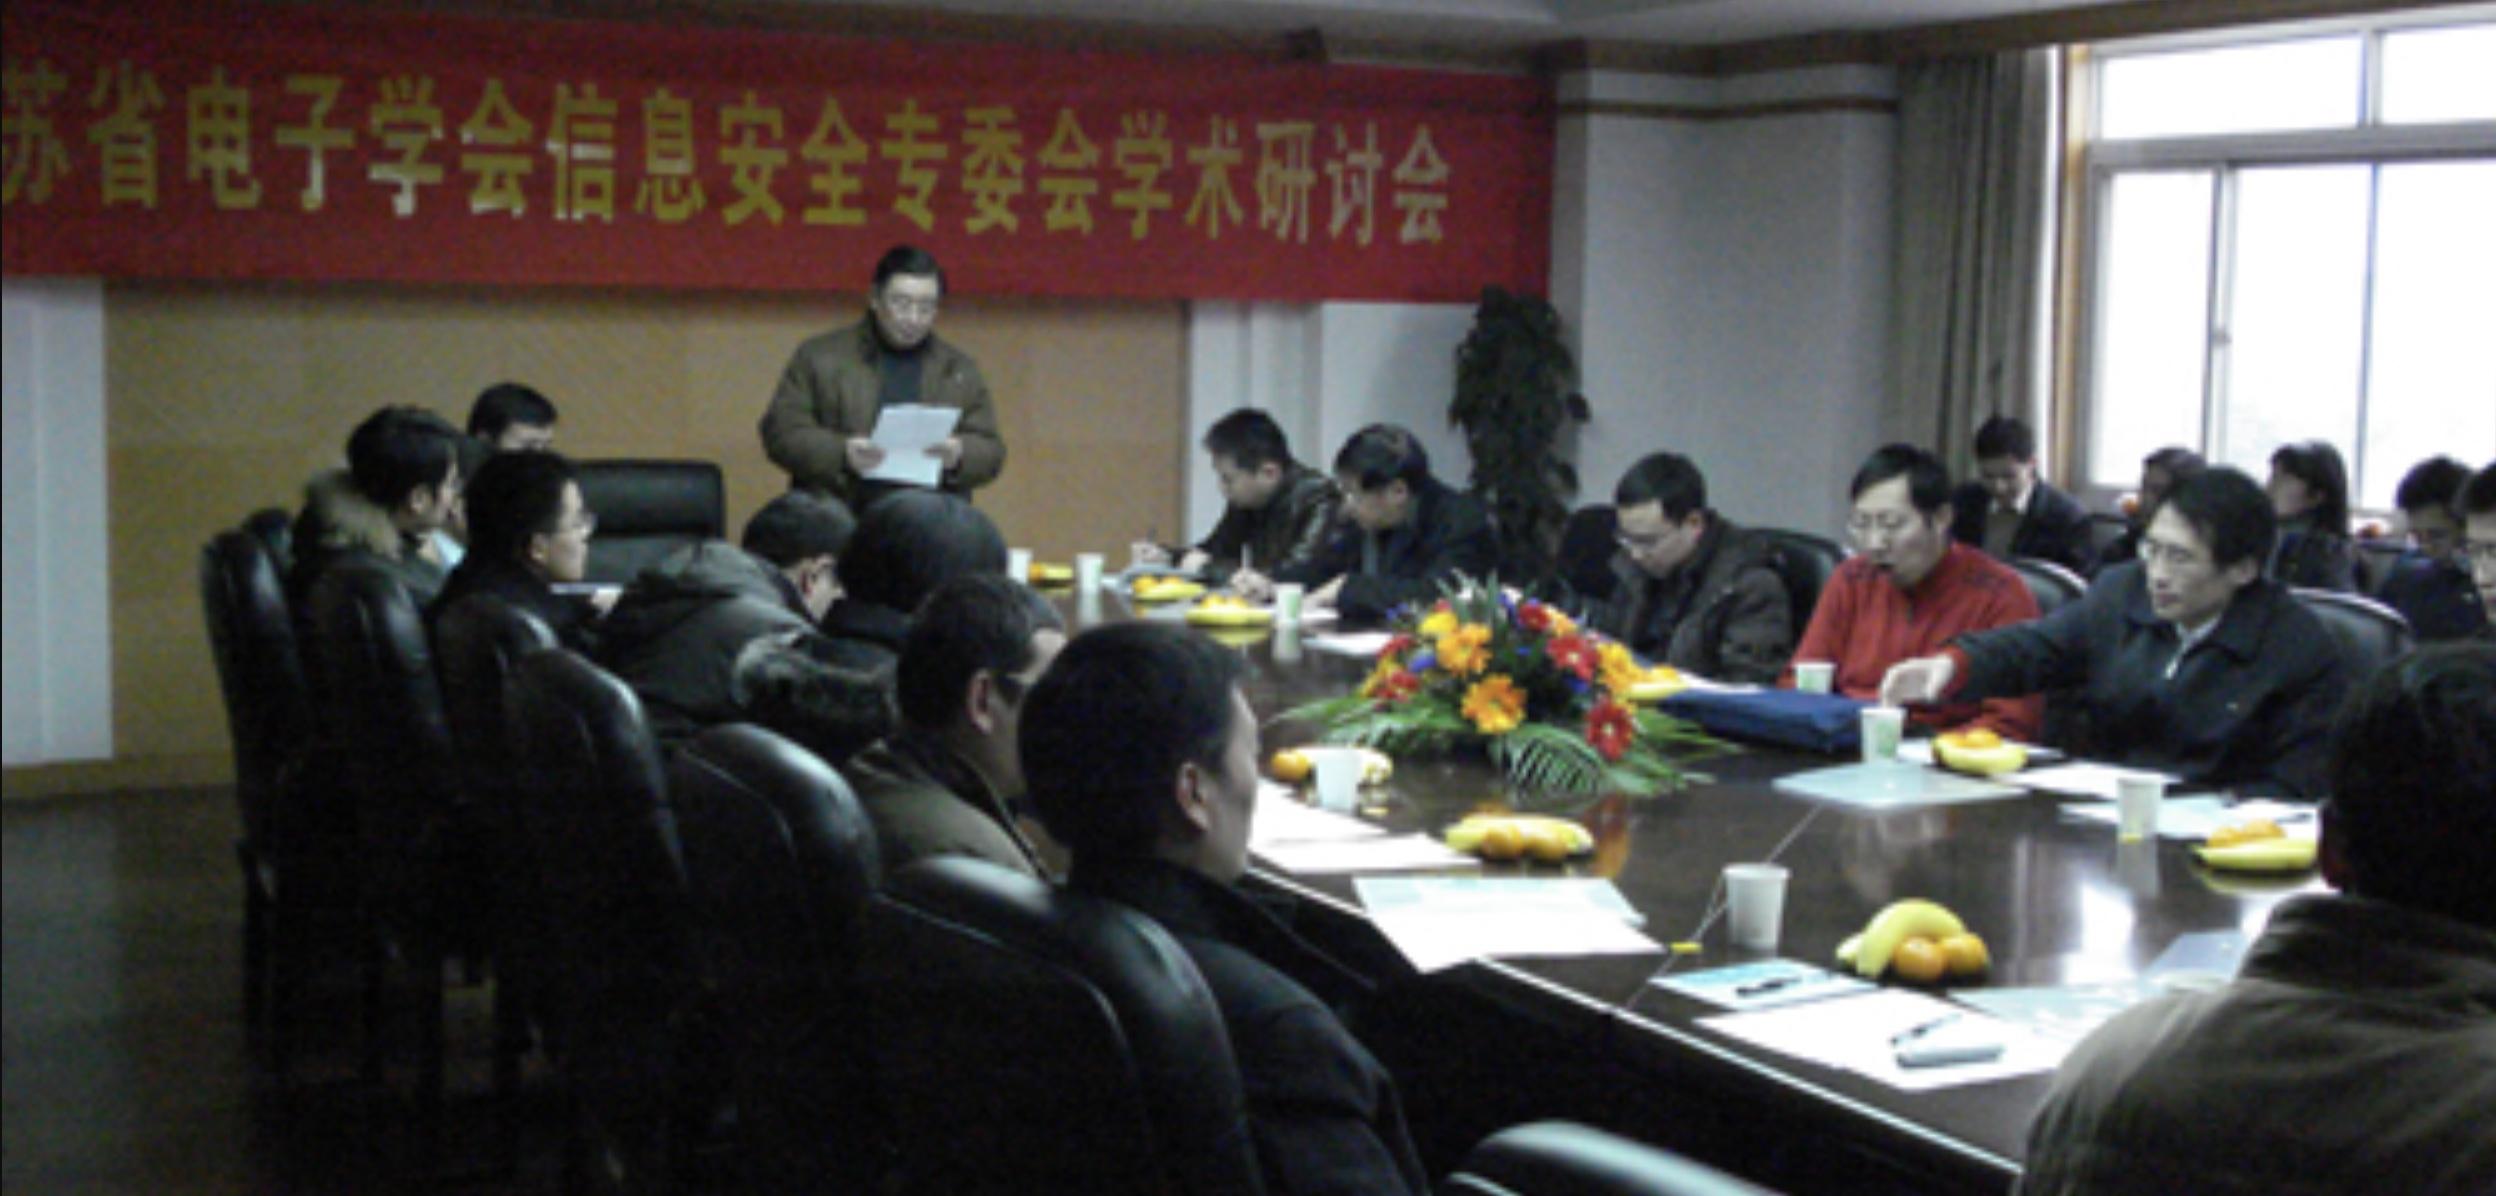 2009年江苏省电子学会信息安全专委会学术研讨会在我校成功召开